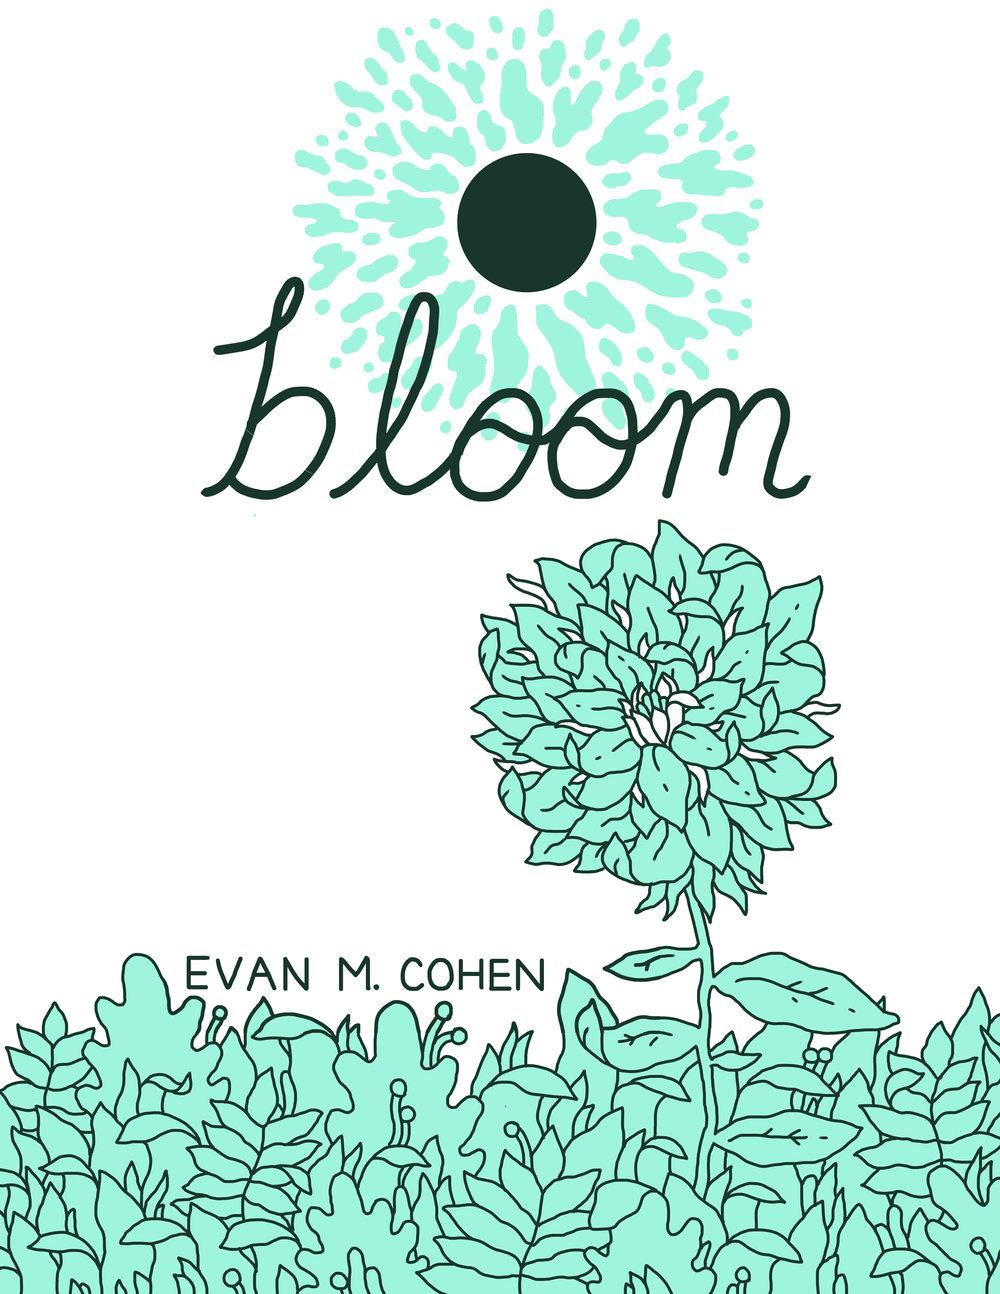 Bloom, 2016